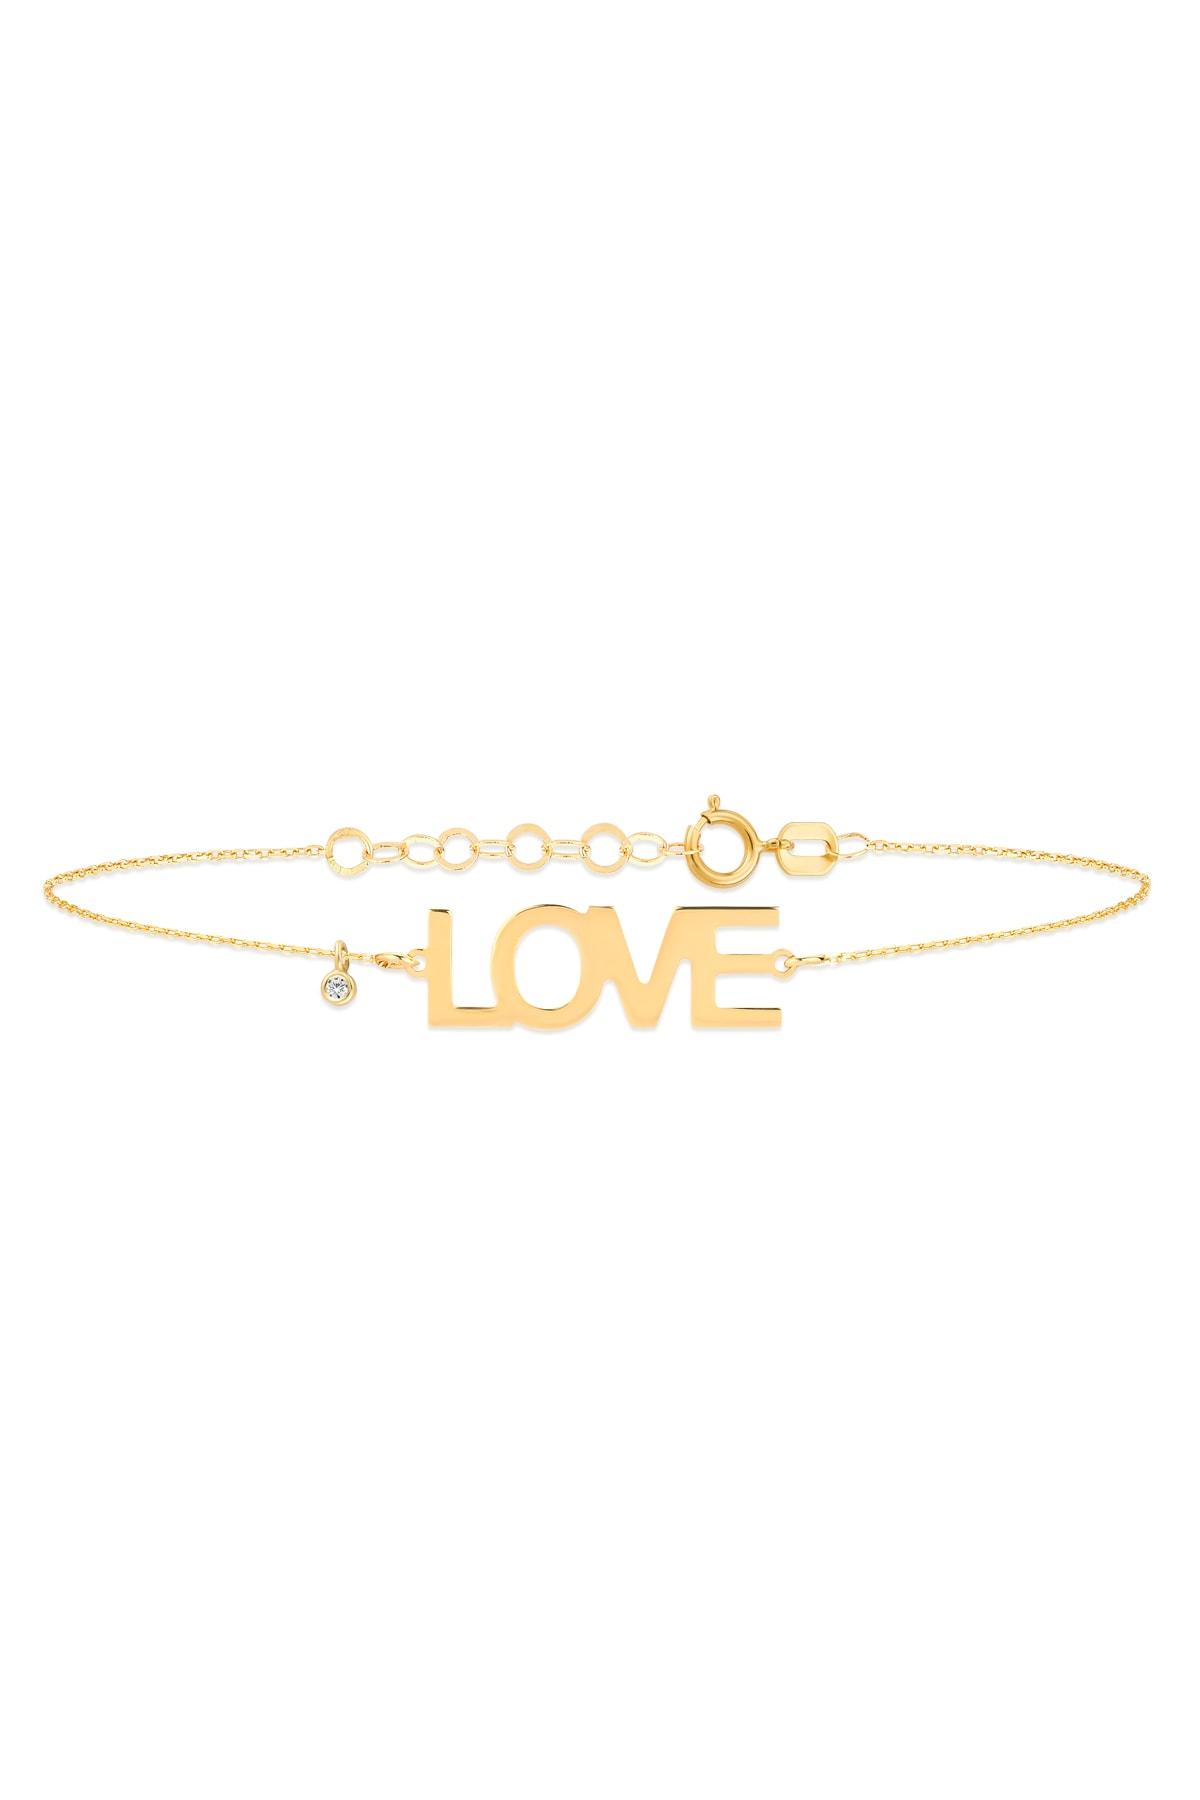 Gelin Pırlanta Kadın 14 Ayar Altın Pırlantalı Love Bileklik Gln400014